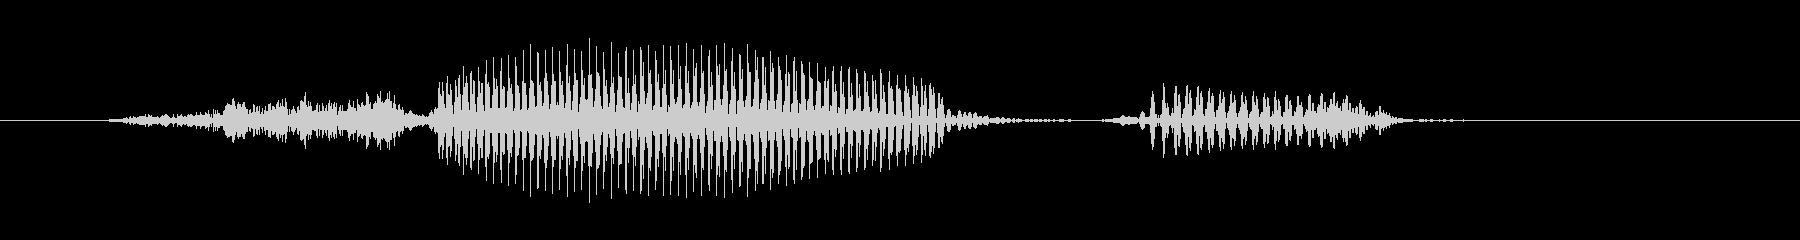 SAVE(セーブ)の未再生の波形